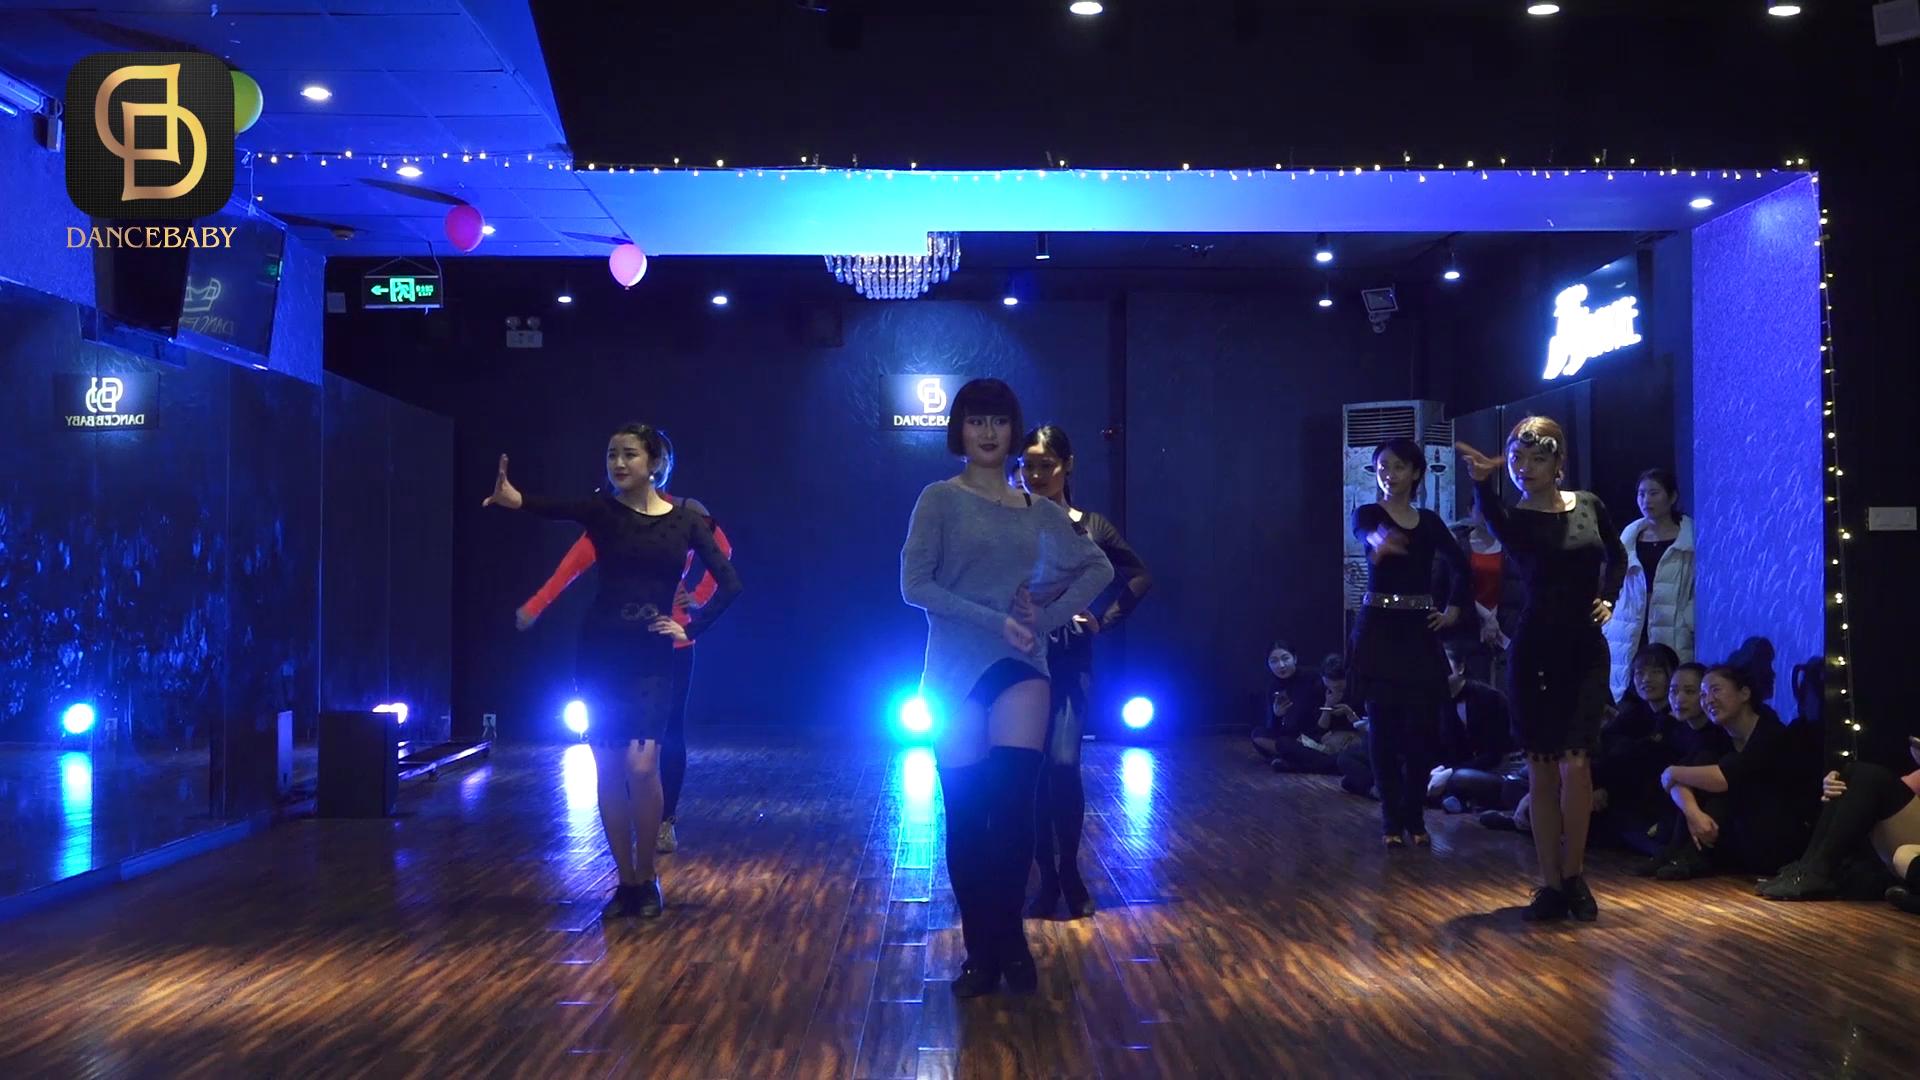 分享 Bluedancer蓝舞者 的美拍